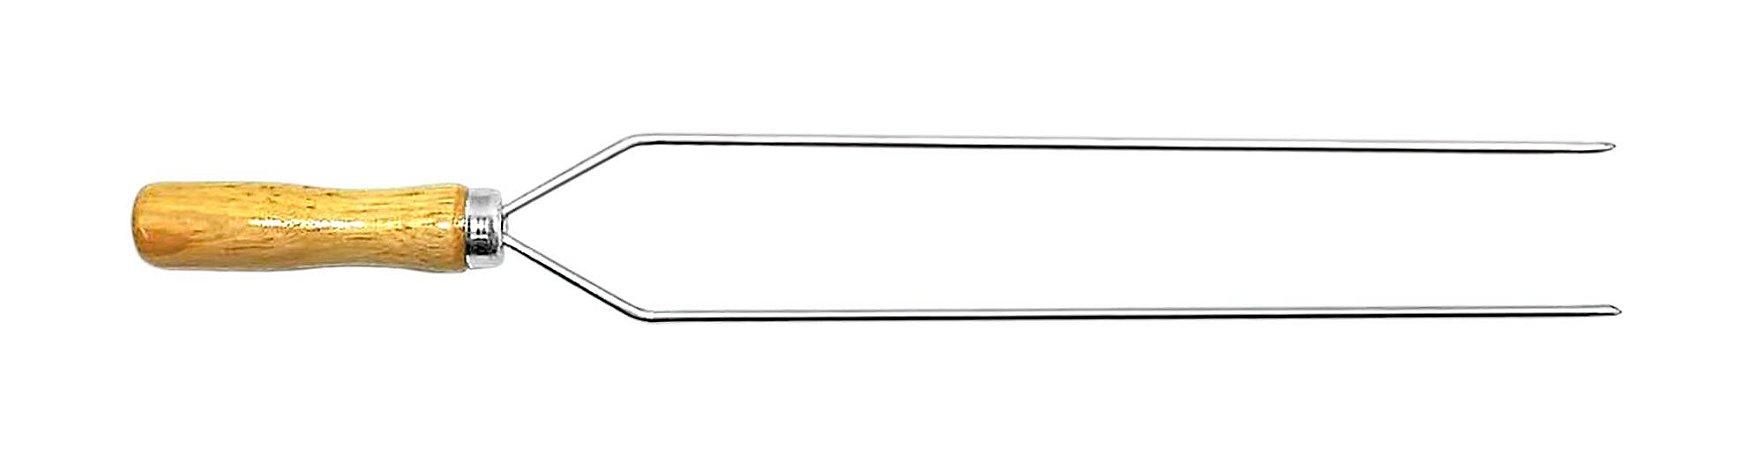 Espetinho Duplo Aço Cromado 40 cm x 3 mm